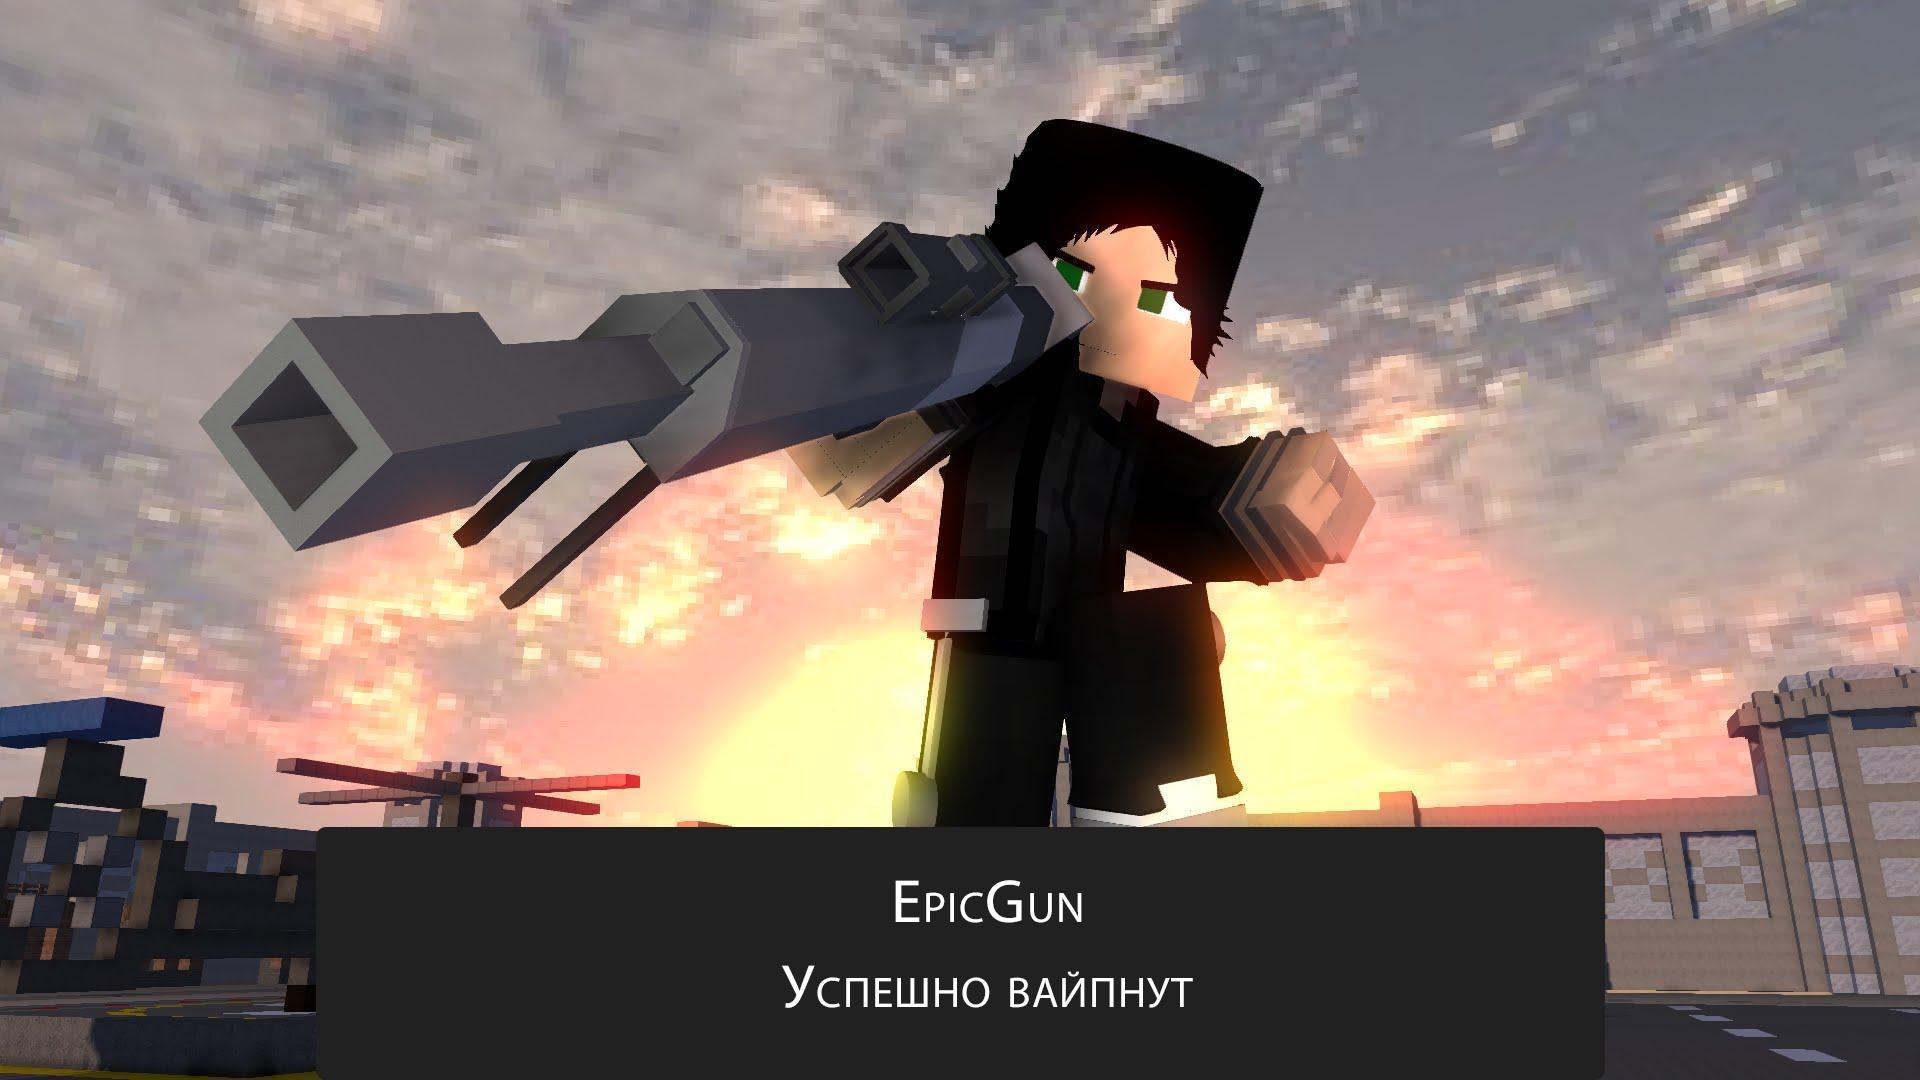 Вайп сервера EpicGun - Скидки 20% на все привилегии